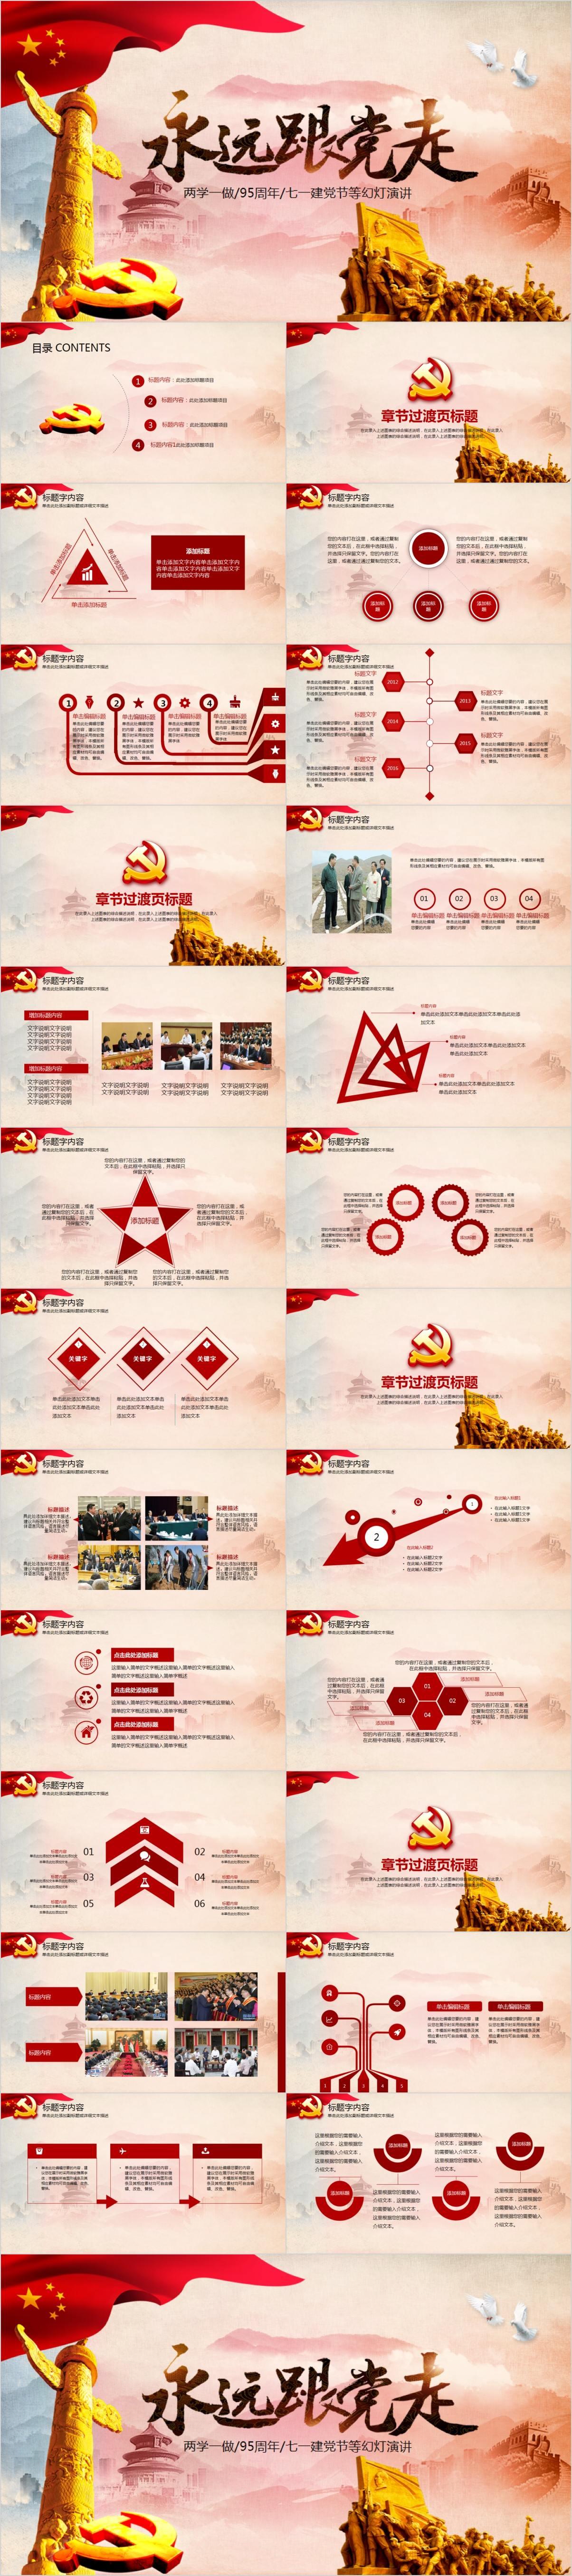 VC0076 红色党政类PPT模板